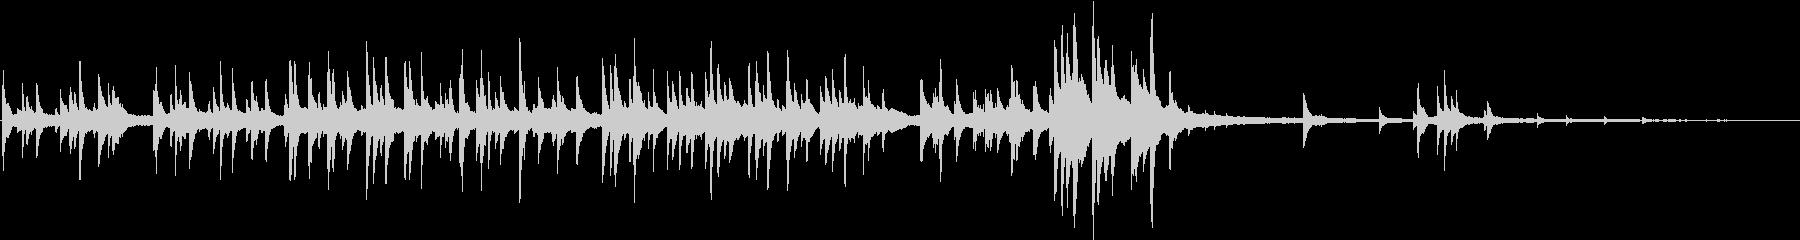 現代的 交響曲 ほのぼの 幸せ ロ...の未再生の波形